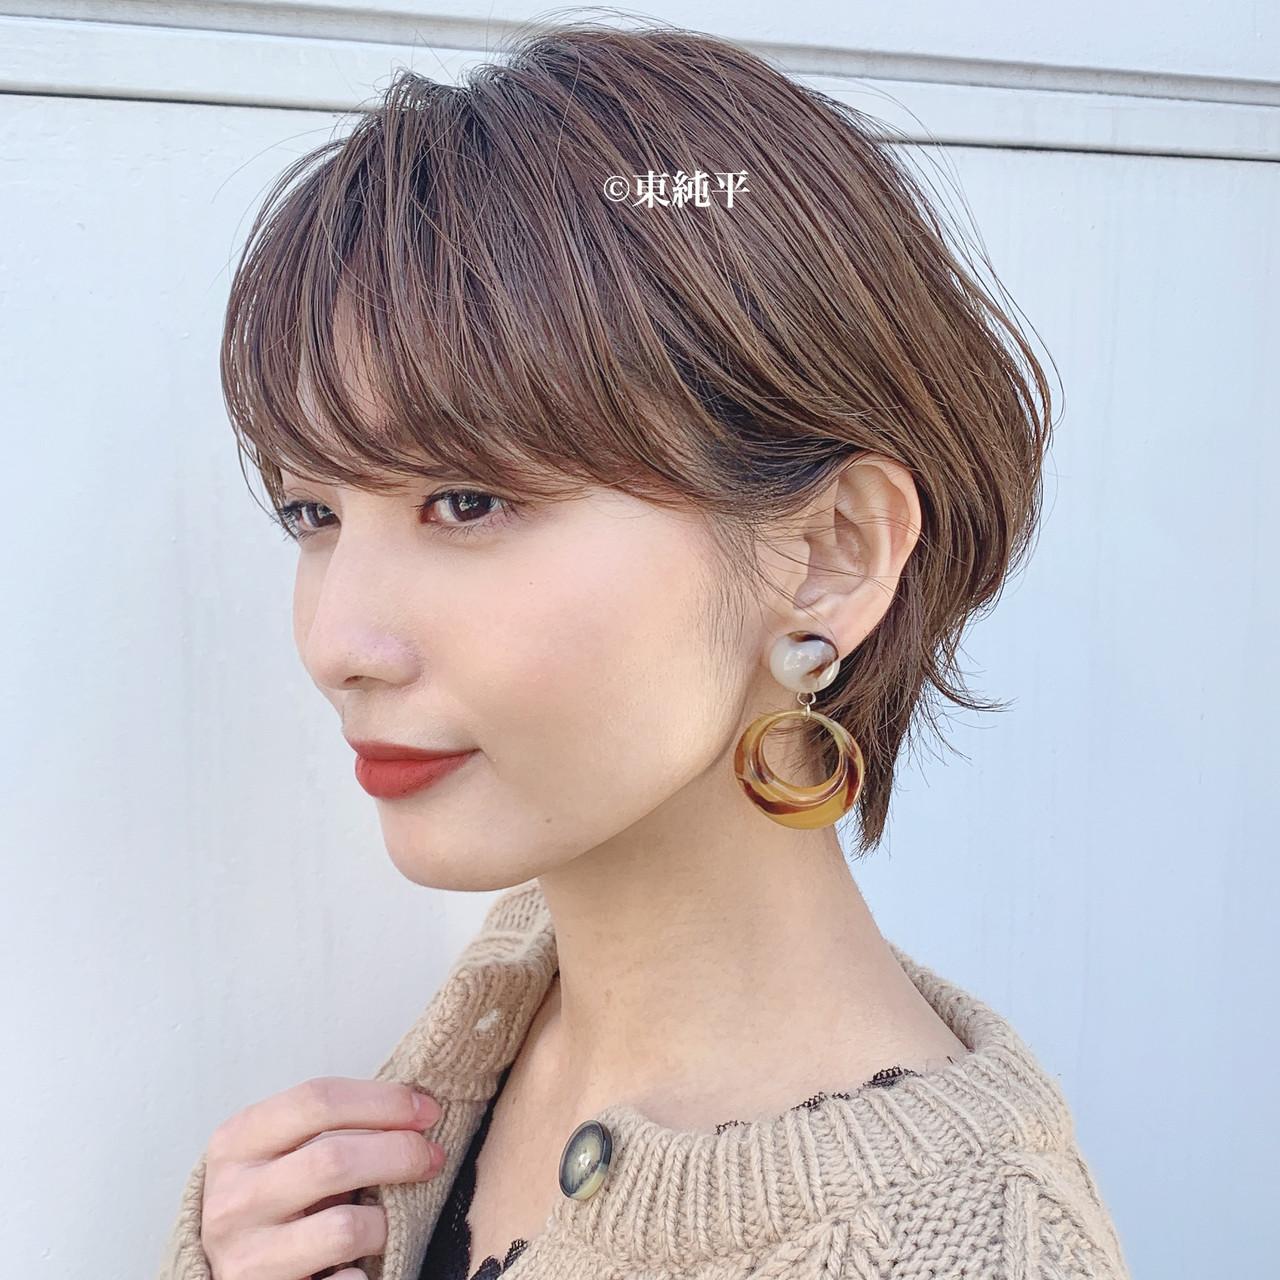 ナチュラル パーマ ハンサムショート ショート ヘアスタイルや髪型の写真・画像 | 【ボブのスペシャリスト】東 純平 / Gallica mimami aoyama